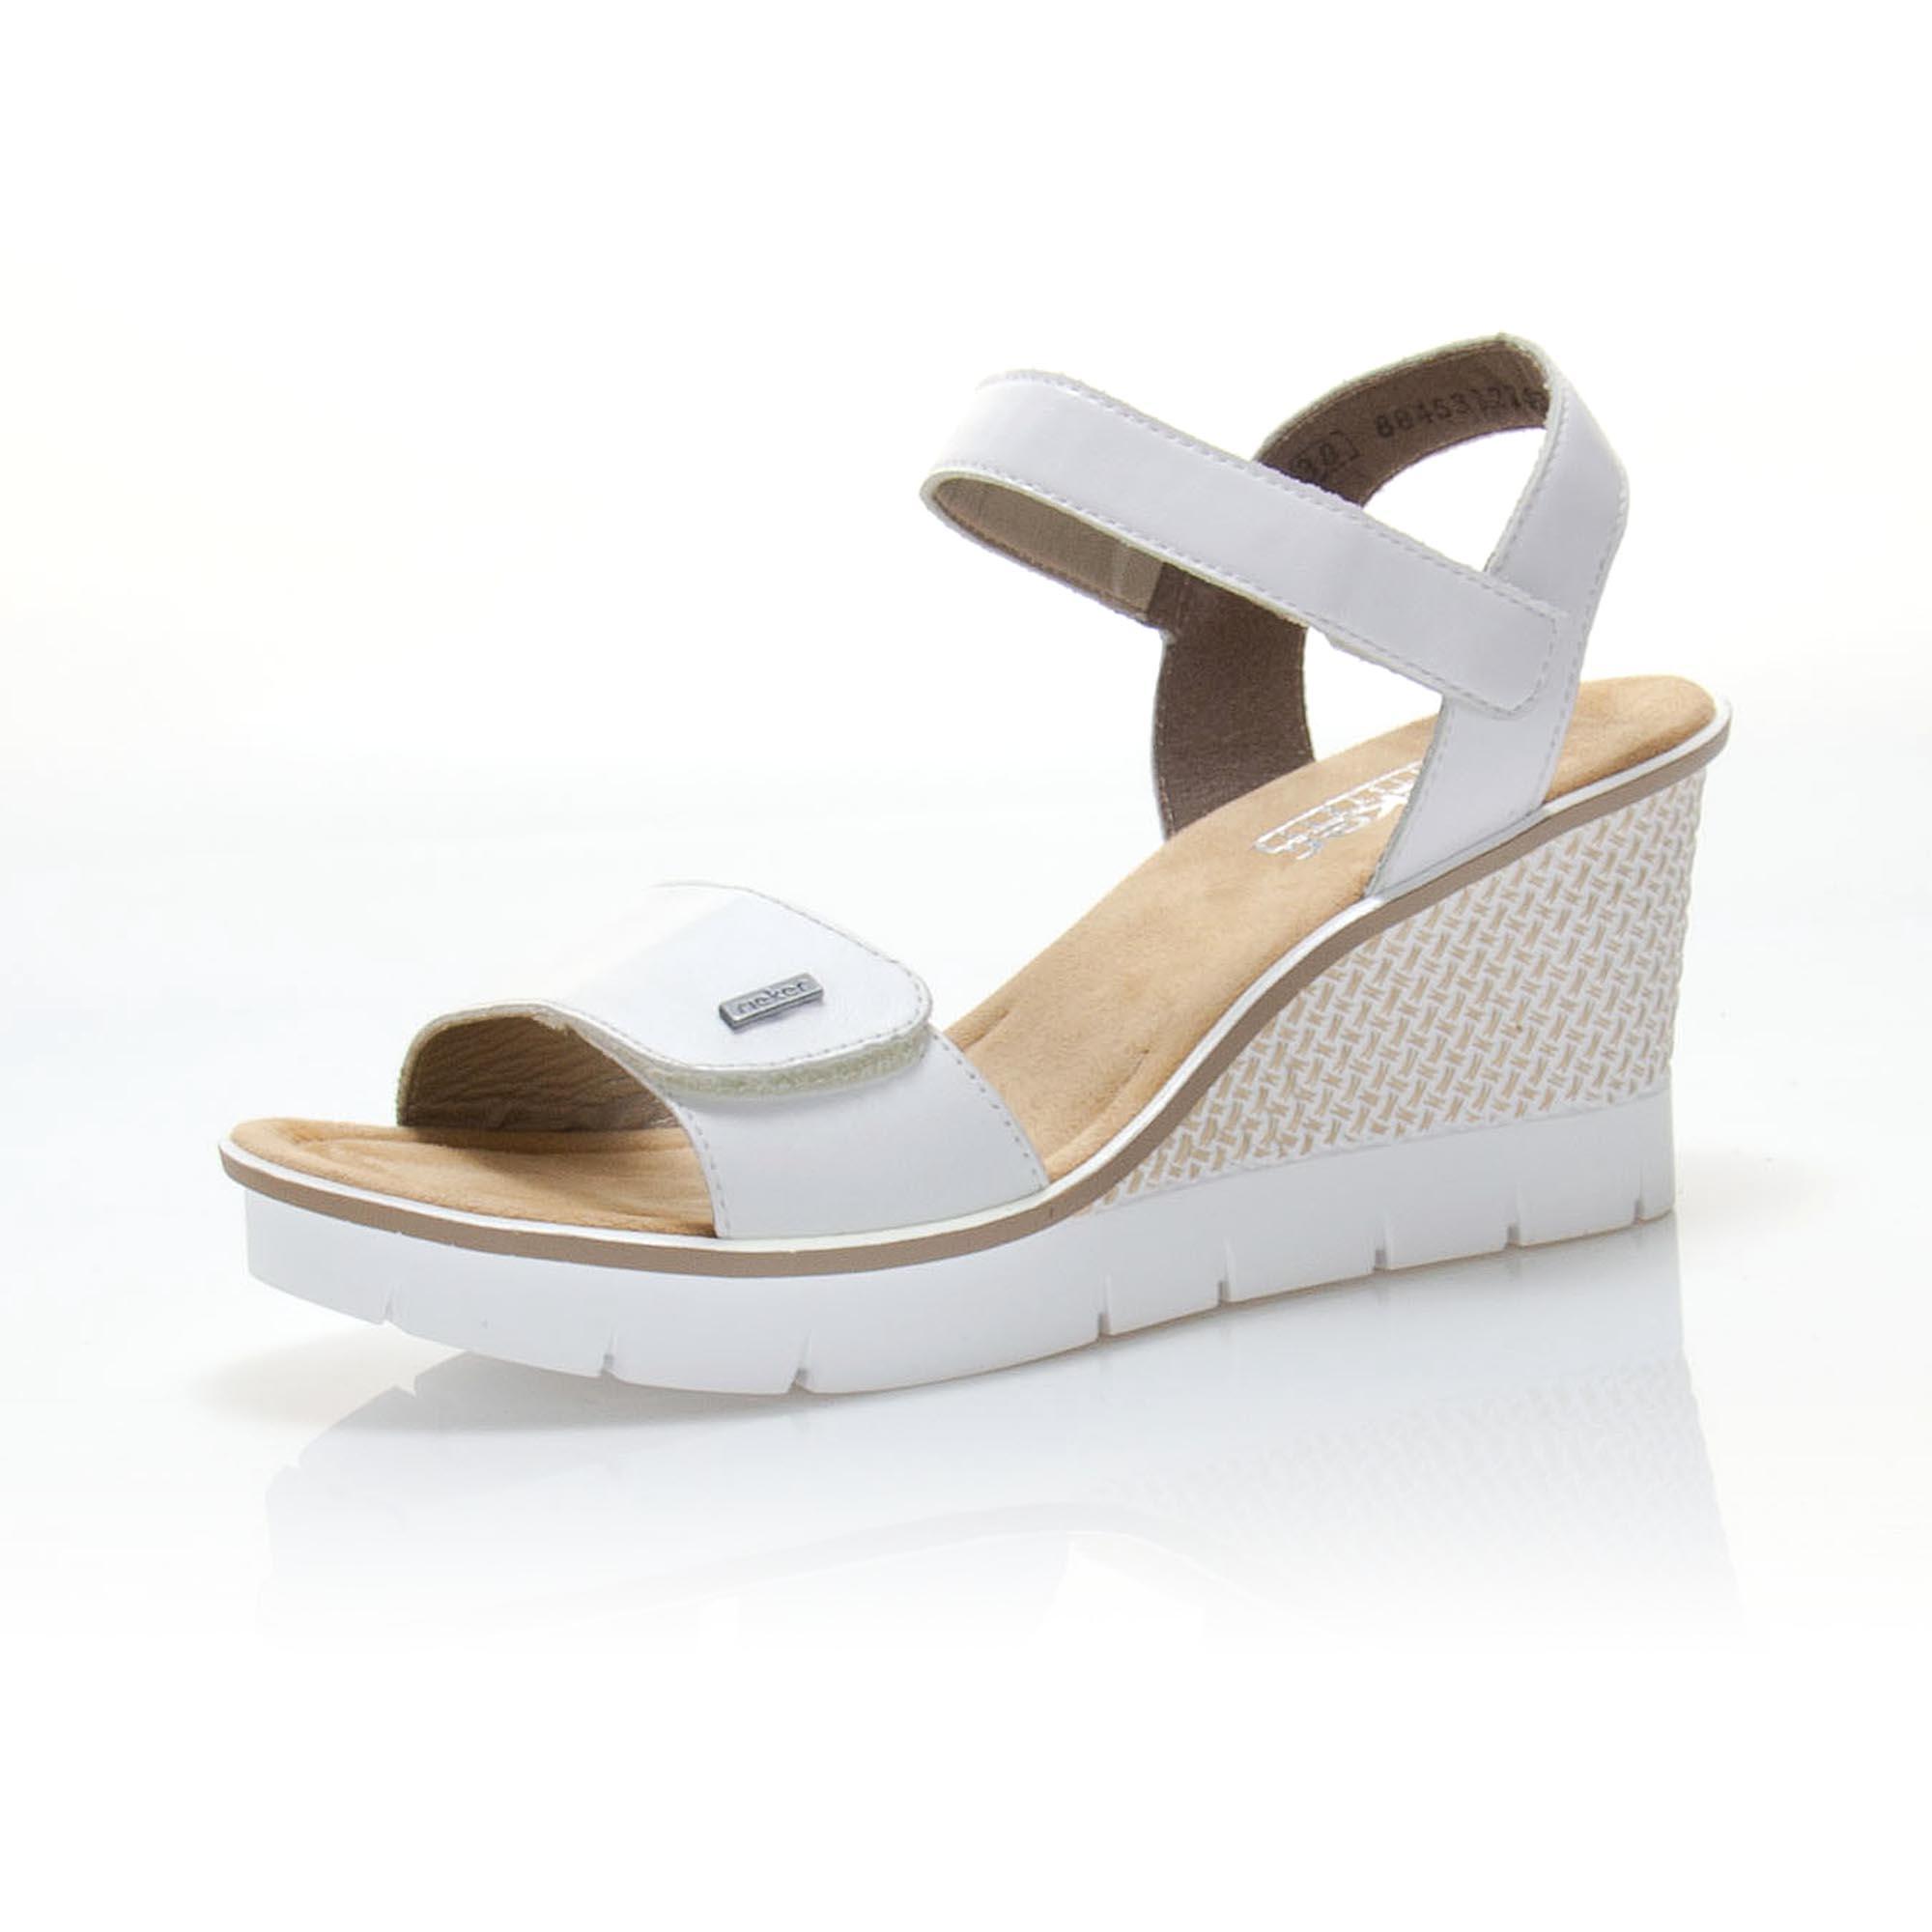 f9c9c44ea826 Dámské sandály RIEKER 68554-80 LETNÍ